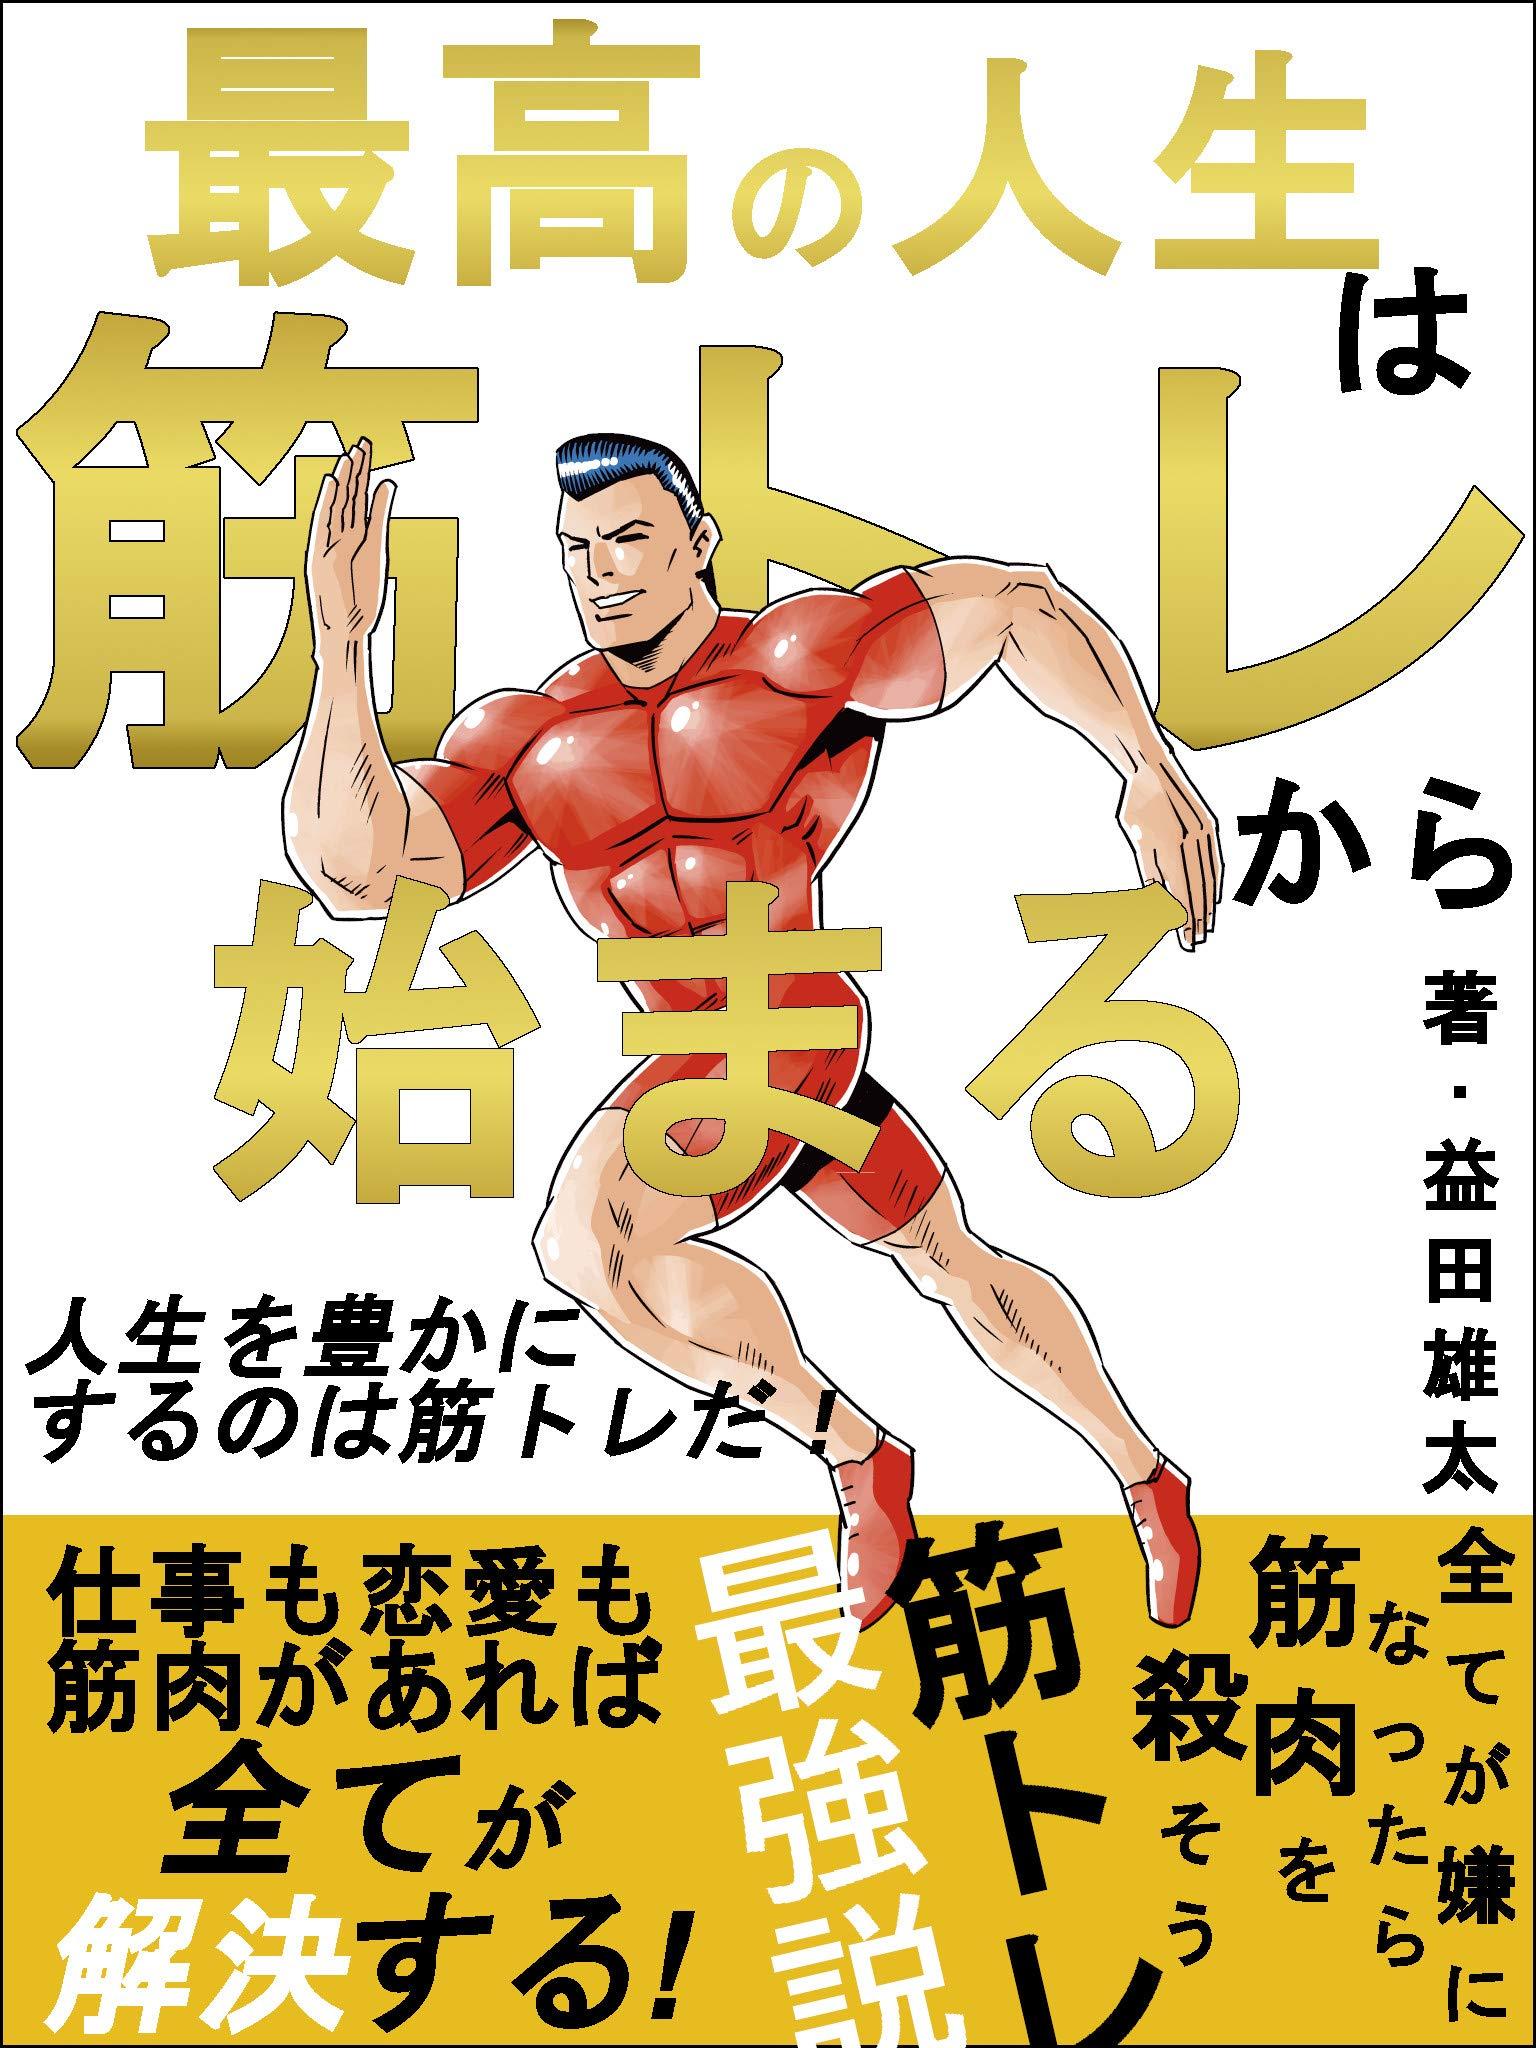 saikounozinseihakintorekarahazimaru: zinseinonayamikinnikugakaiketusitekureru (Japanese Edition)